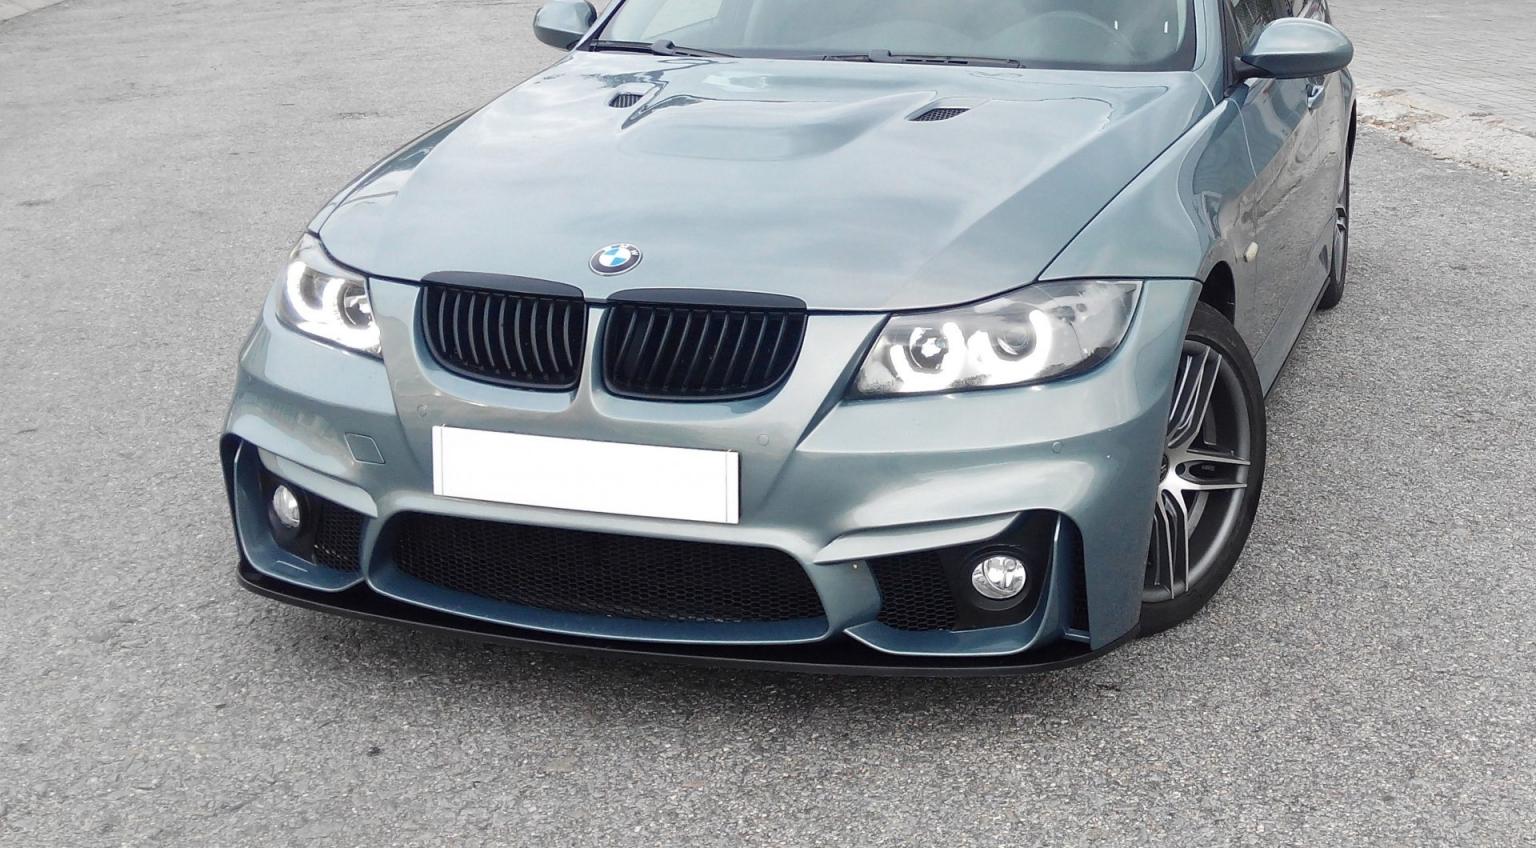 BMW-Serie-3-05-08-Para-choques-Frente-Look-M4-com-Rede